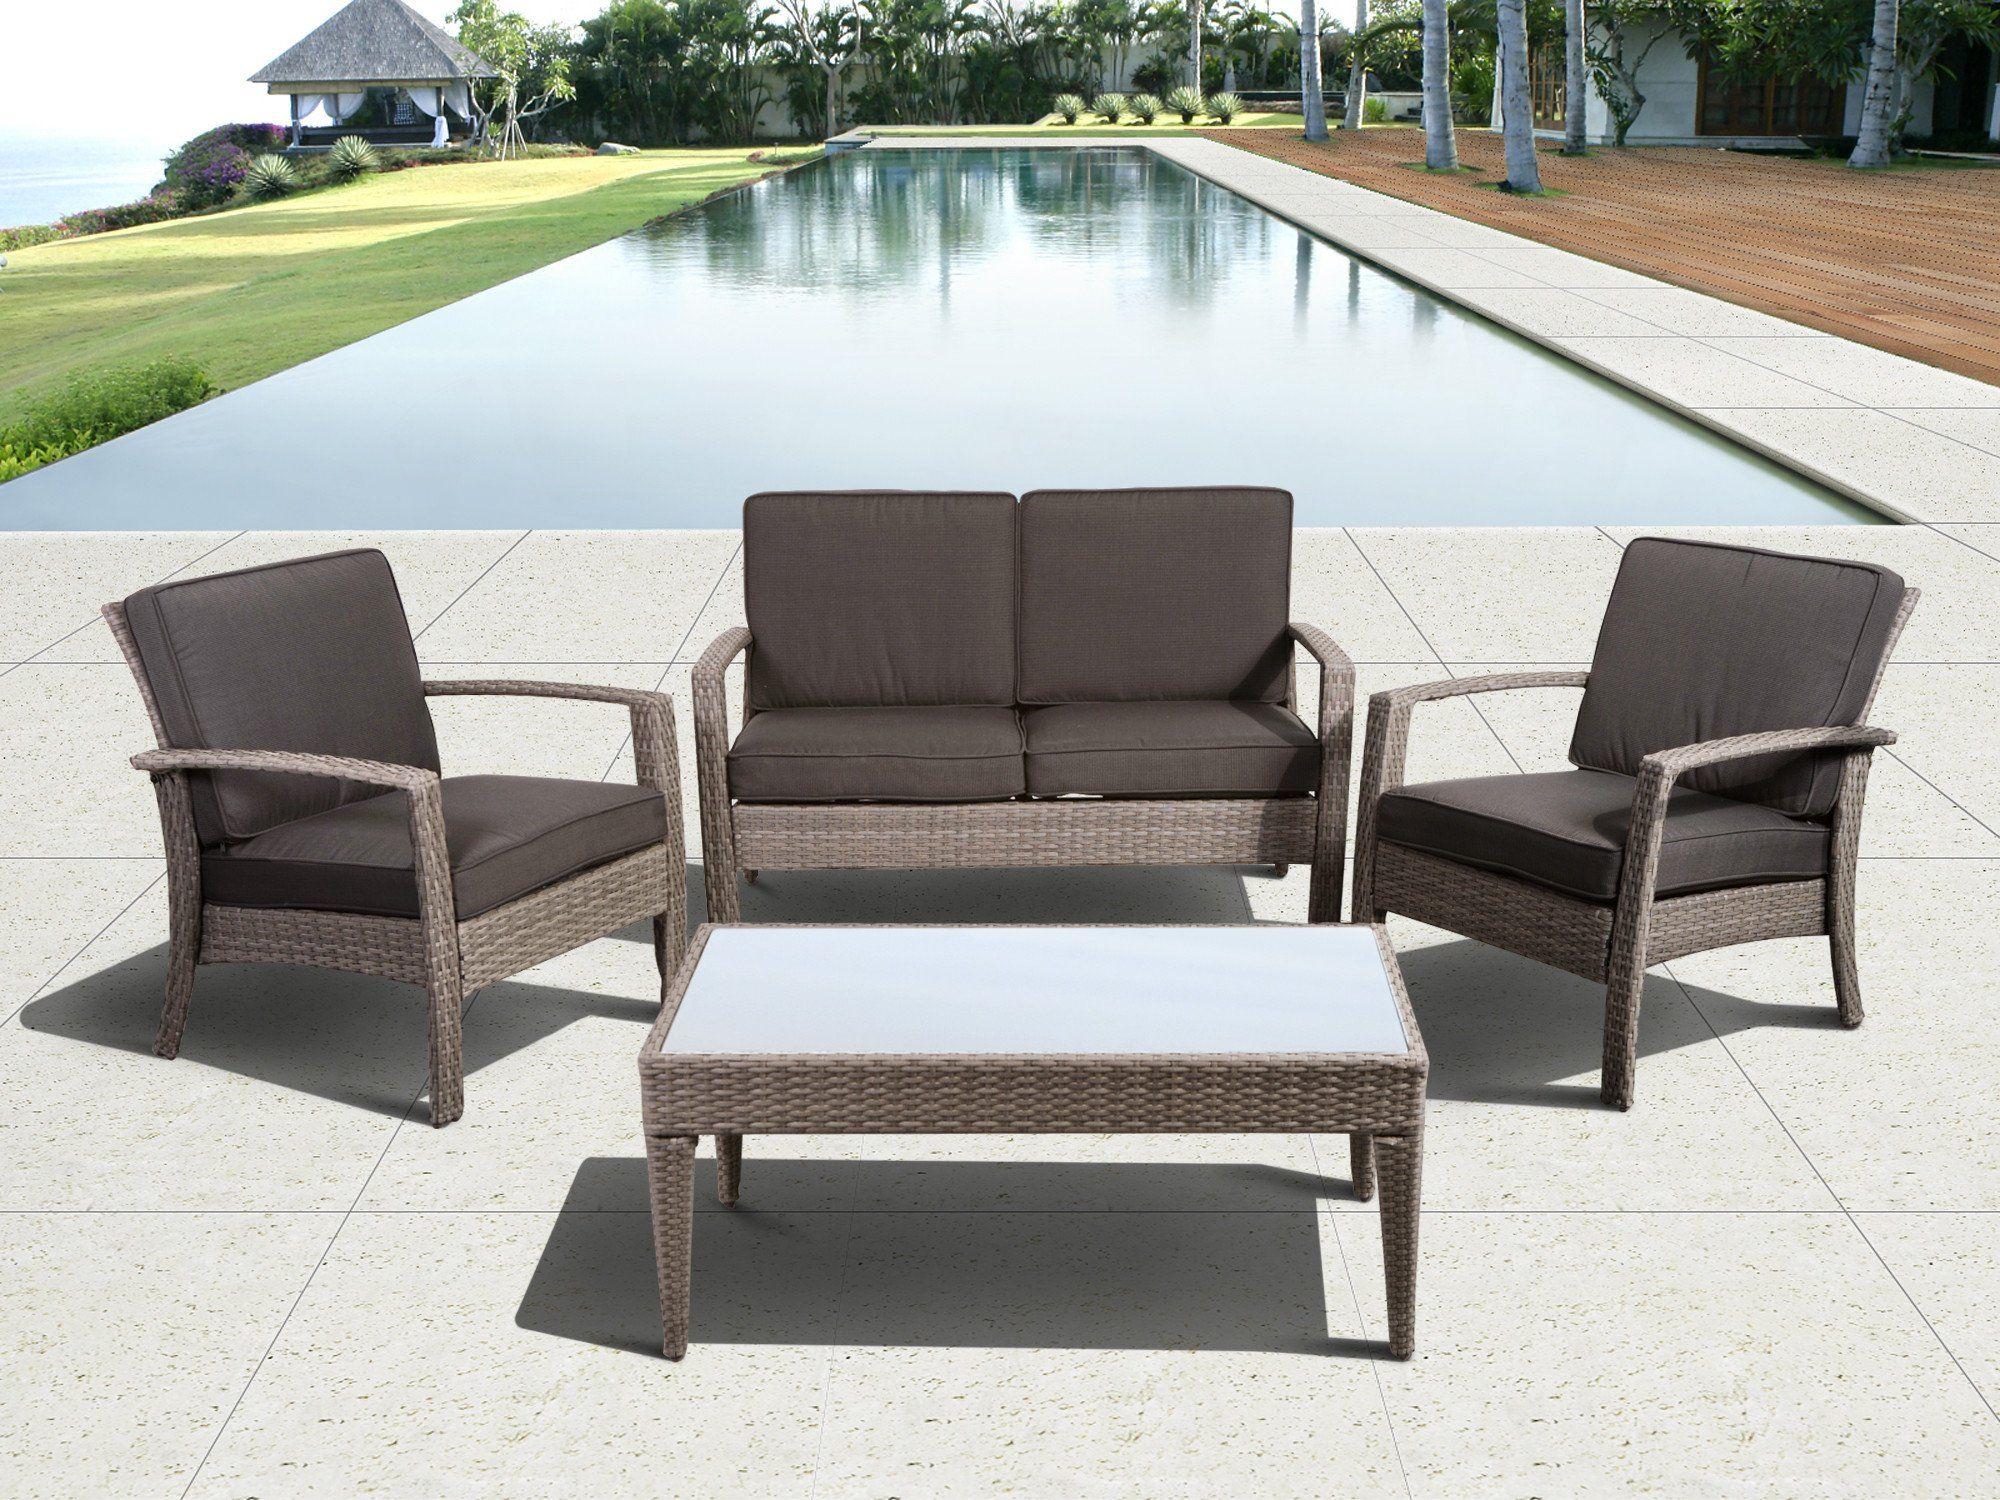 Best Florida Deluxe Grey 4 Piece Wicker Patio Conversation Set 640 x 480